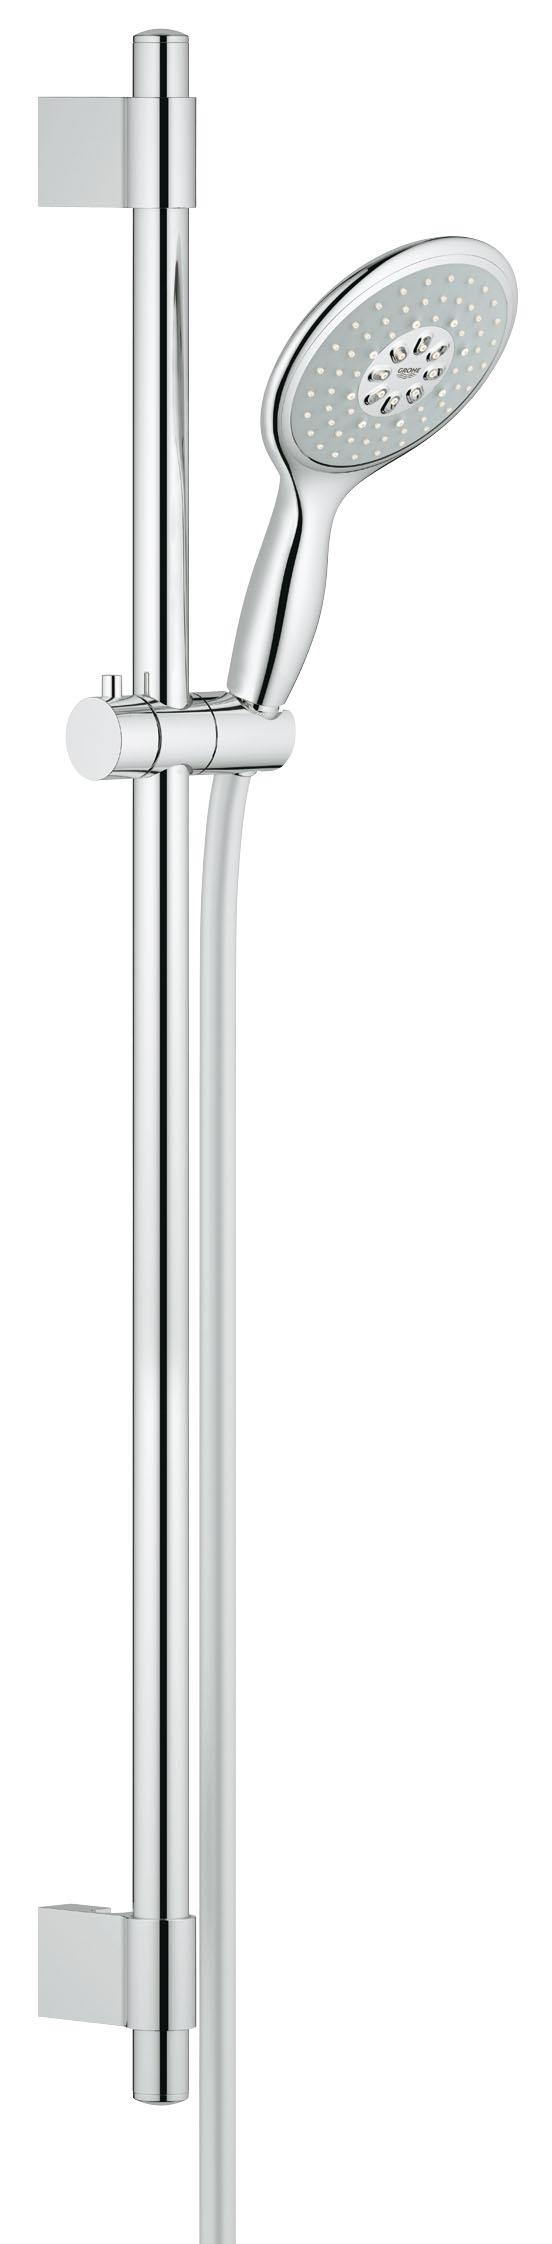 Душевой гарнитур Grohe Power&Soul 130, 4 режима, 9,5 л/мин. (27738000)4581Помимо ручного душа из коллекции Power&Soul, в комплект данного душевого гарнитура также входит душевая штанга длиной 900 мм с адаптивными металлическими креплениями для настенного монтажа. Душевая головка располагает четырьмя комбинируемыми режимами струи, создающими роскошные ощущения при принятии душа: это GROHE Rain O2, Rain, Jet и Bokoma Spray. Одновременно с этим, данная модель душа помогает в сбережении ценных природных ресурсов за счет крайне рациональных показателей расхода воды. Благодаря практичным особенностям, включая душевой шланг с креплением TwistFree, предотвращающим перекручивание, и систему монтажа GROHE QuickFix Plus, этот душ станет великолепным дополнением к оснащению вашей ванной комнаты. Система монтажа предусматривает возможность регулировки межосевого расстояния у креплений для настенного монтажа душевой штанги таким образом, чтобы попасть в имеющиеся отверстия в стене или в межплиточные швы и не рисковать повреждением плитки при монтаже. Установите в своей ванной комнате данный душевой гарнитур со штангой и наслаждайтесь создаваемыми им удобством и комфортом.Особенностивключает в себя ручной душ Power&Soul 130 (27673000), душевую штангу, 900 мм (27785000), душевой шланг 1750 мм (28388000) GROHE EcoJoy Технология совершенного потока при уменьшенном расходе воды с металлическими настенными креплениями GROHE QuickFix Plus(регулируемое расстояние между настенными креплениями штанги позволяет использовать для монтажа уже имеющиеся отверстия в стене ) Twistfree против перекручивания шланга GROHE DreamSpray превосходный поток воды GROHE StarLight хромированная поверхность с системой SpeedClean против известковых отложений внутренний охлаждающий канал для продолжительного срока службы 9,5 л/мин ограничитель расхода воды может использоваться с проточным водонагревателемВидео по установке является исключительно информационным. Установка должна проводиться профессионалами!